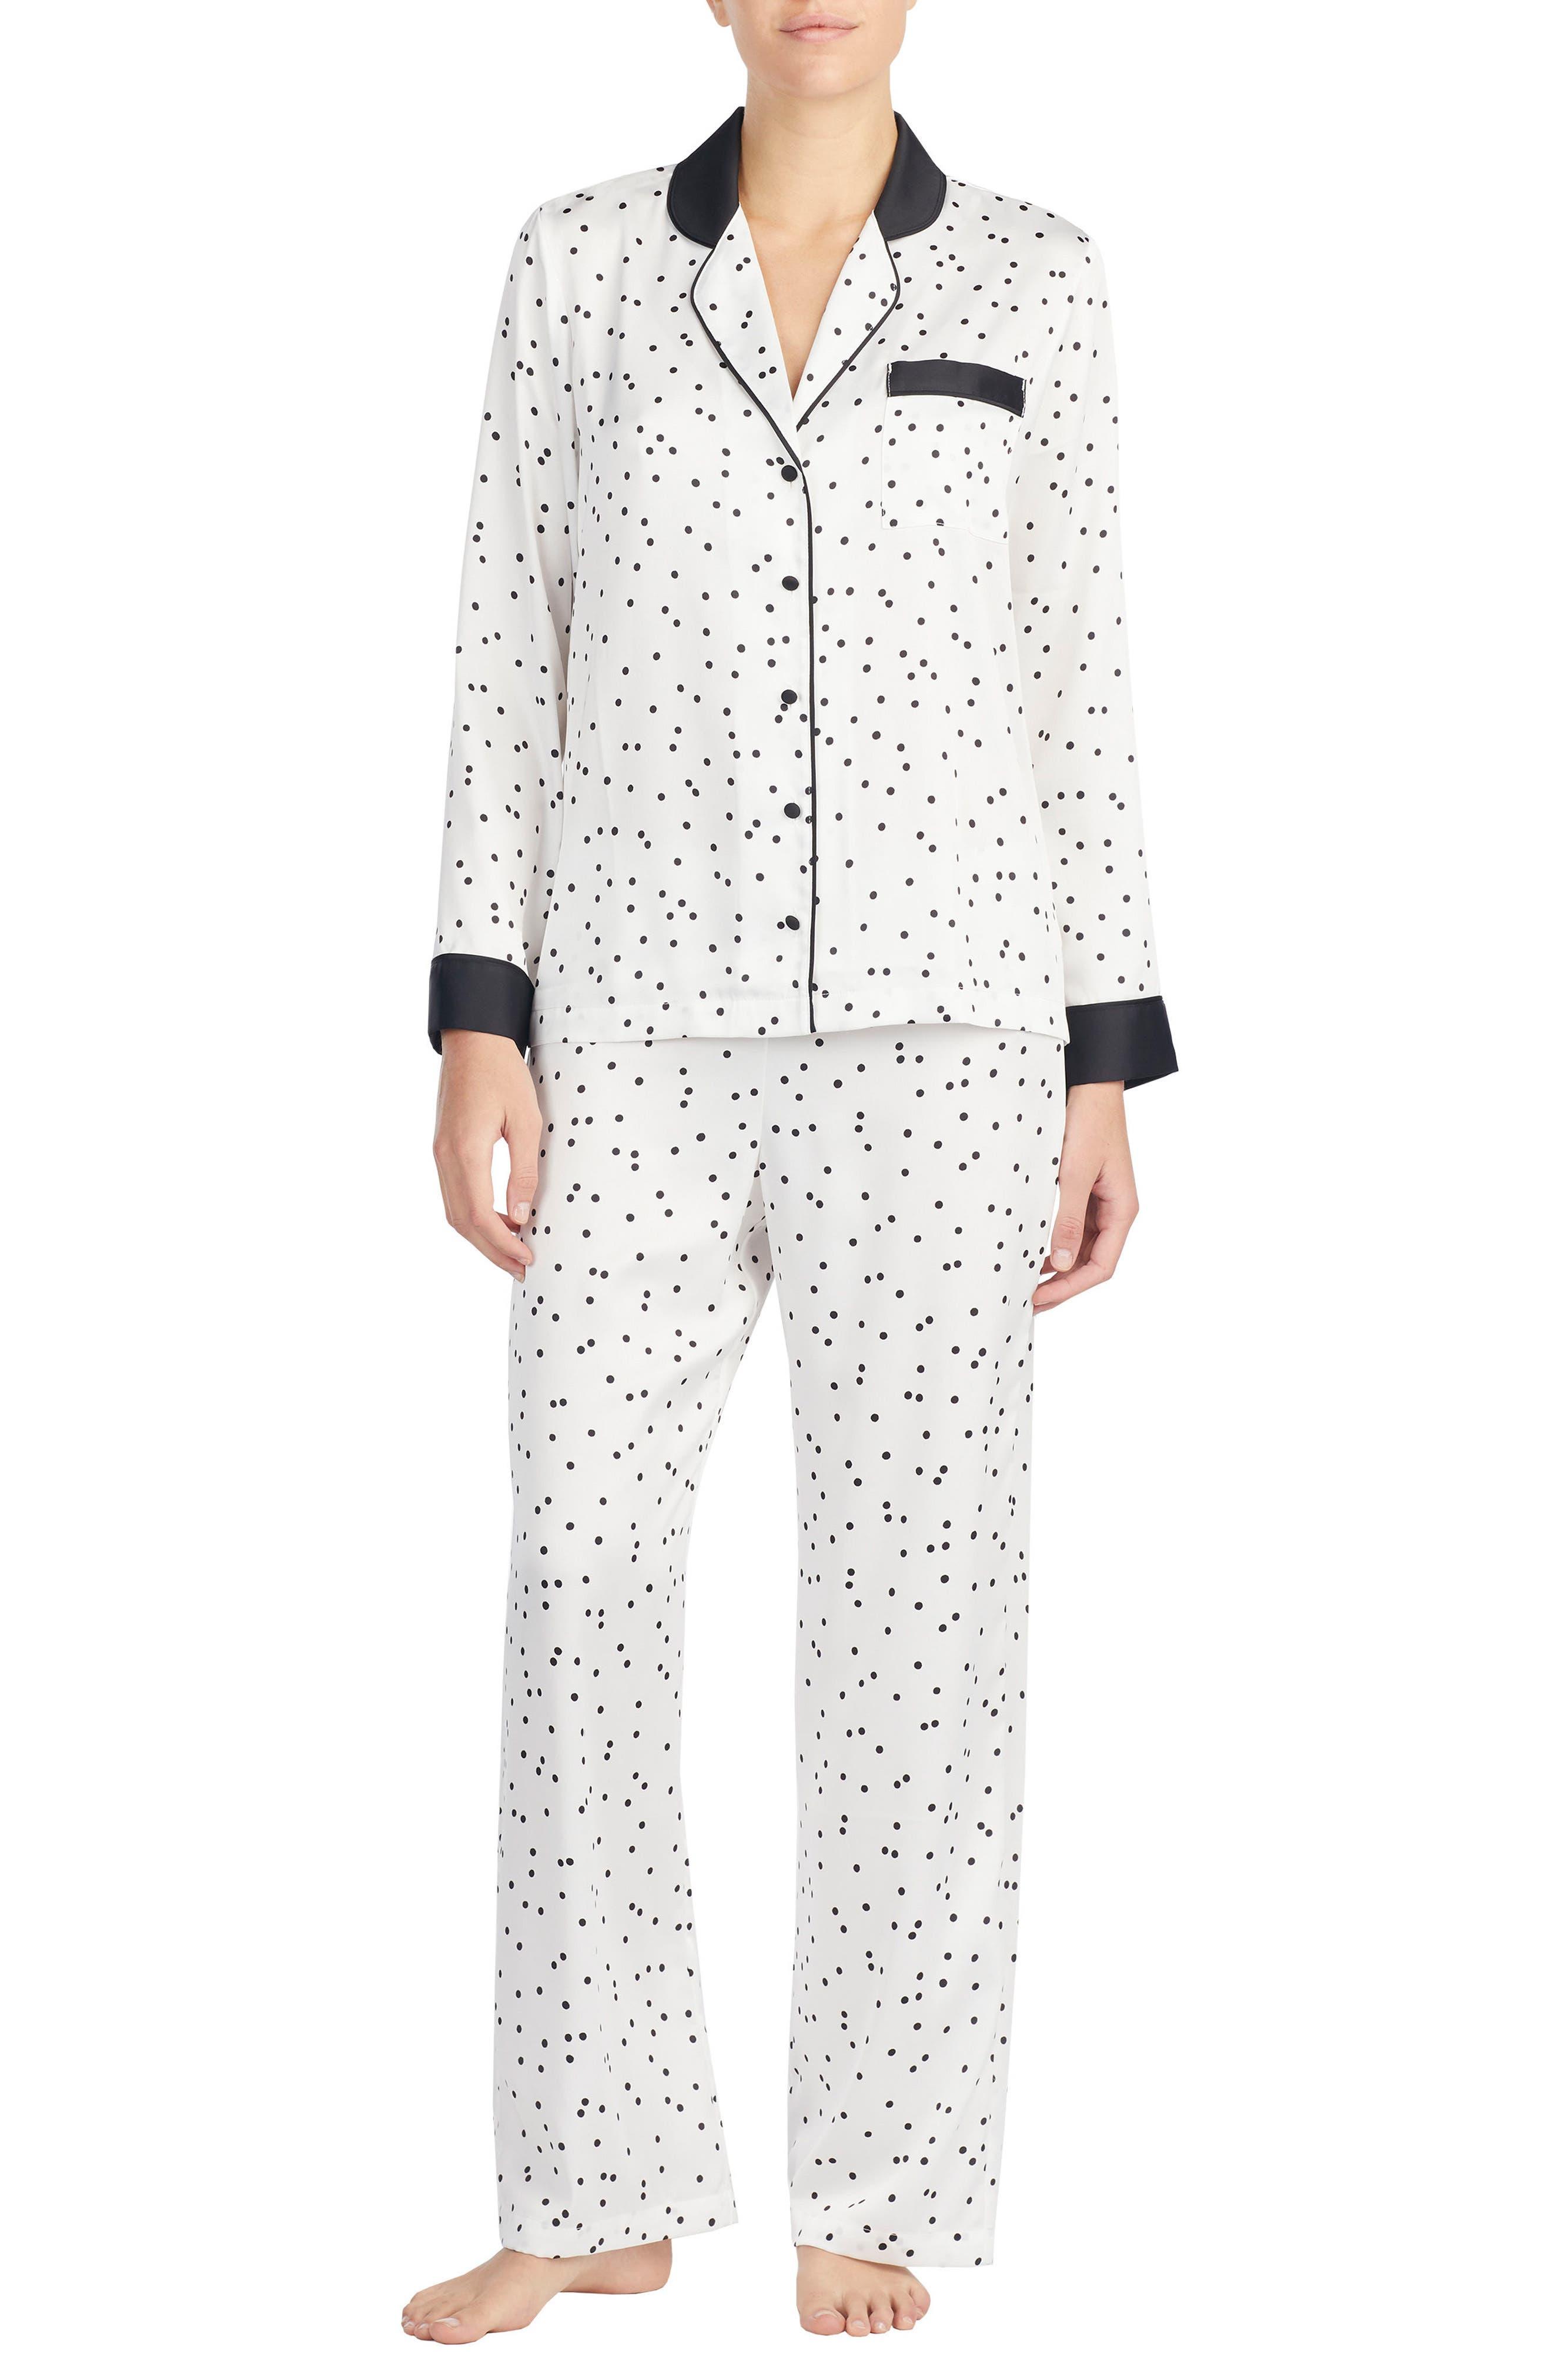 Alternate Image 1 Selected - kate spade new york print charmeuse pajamas